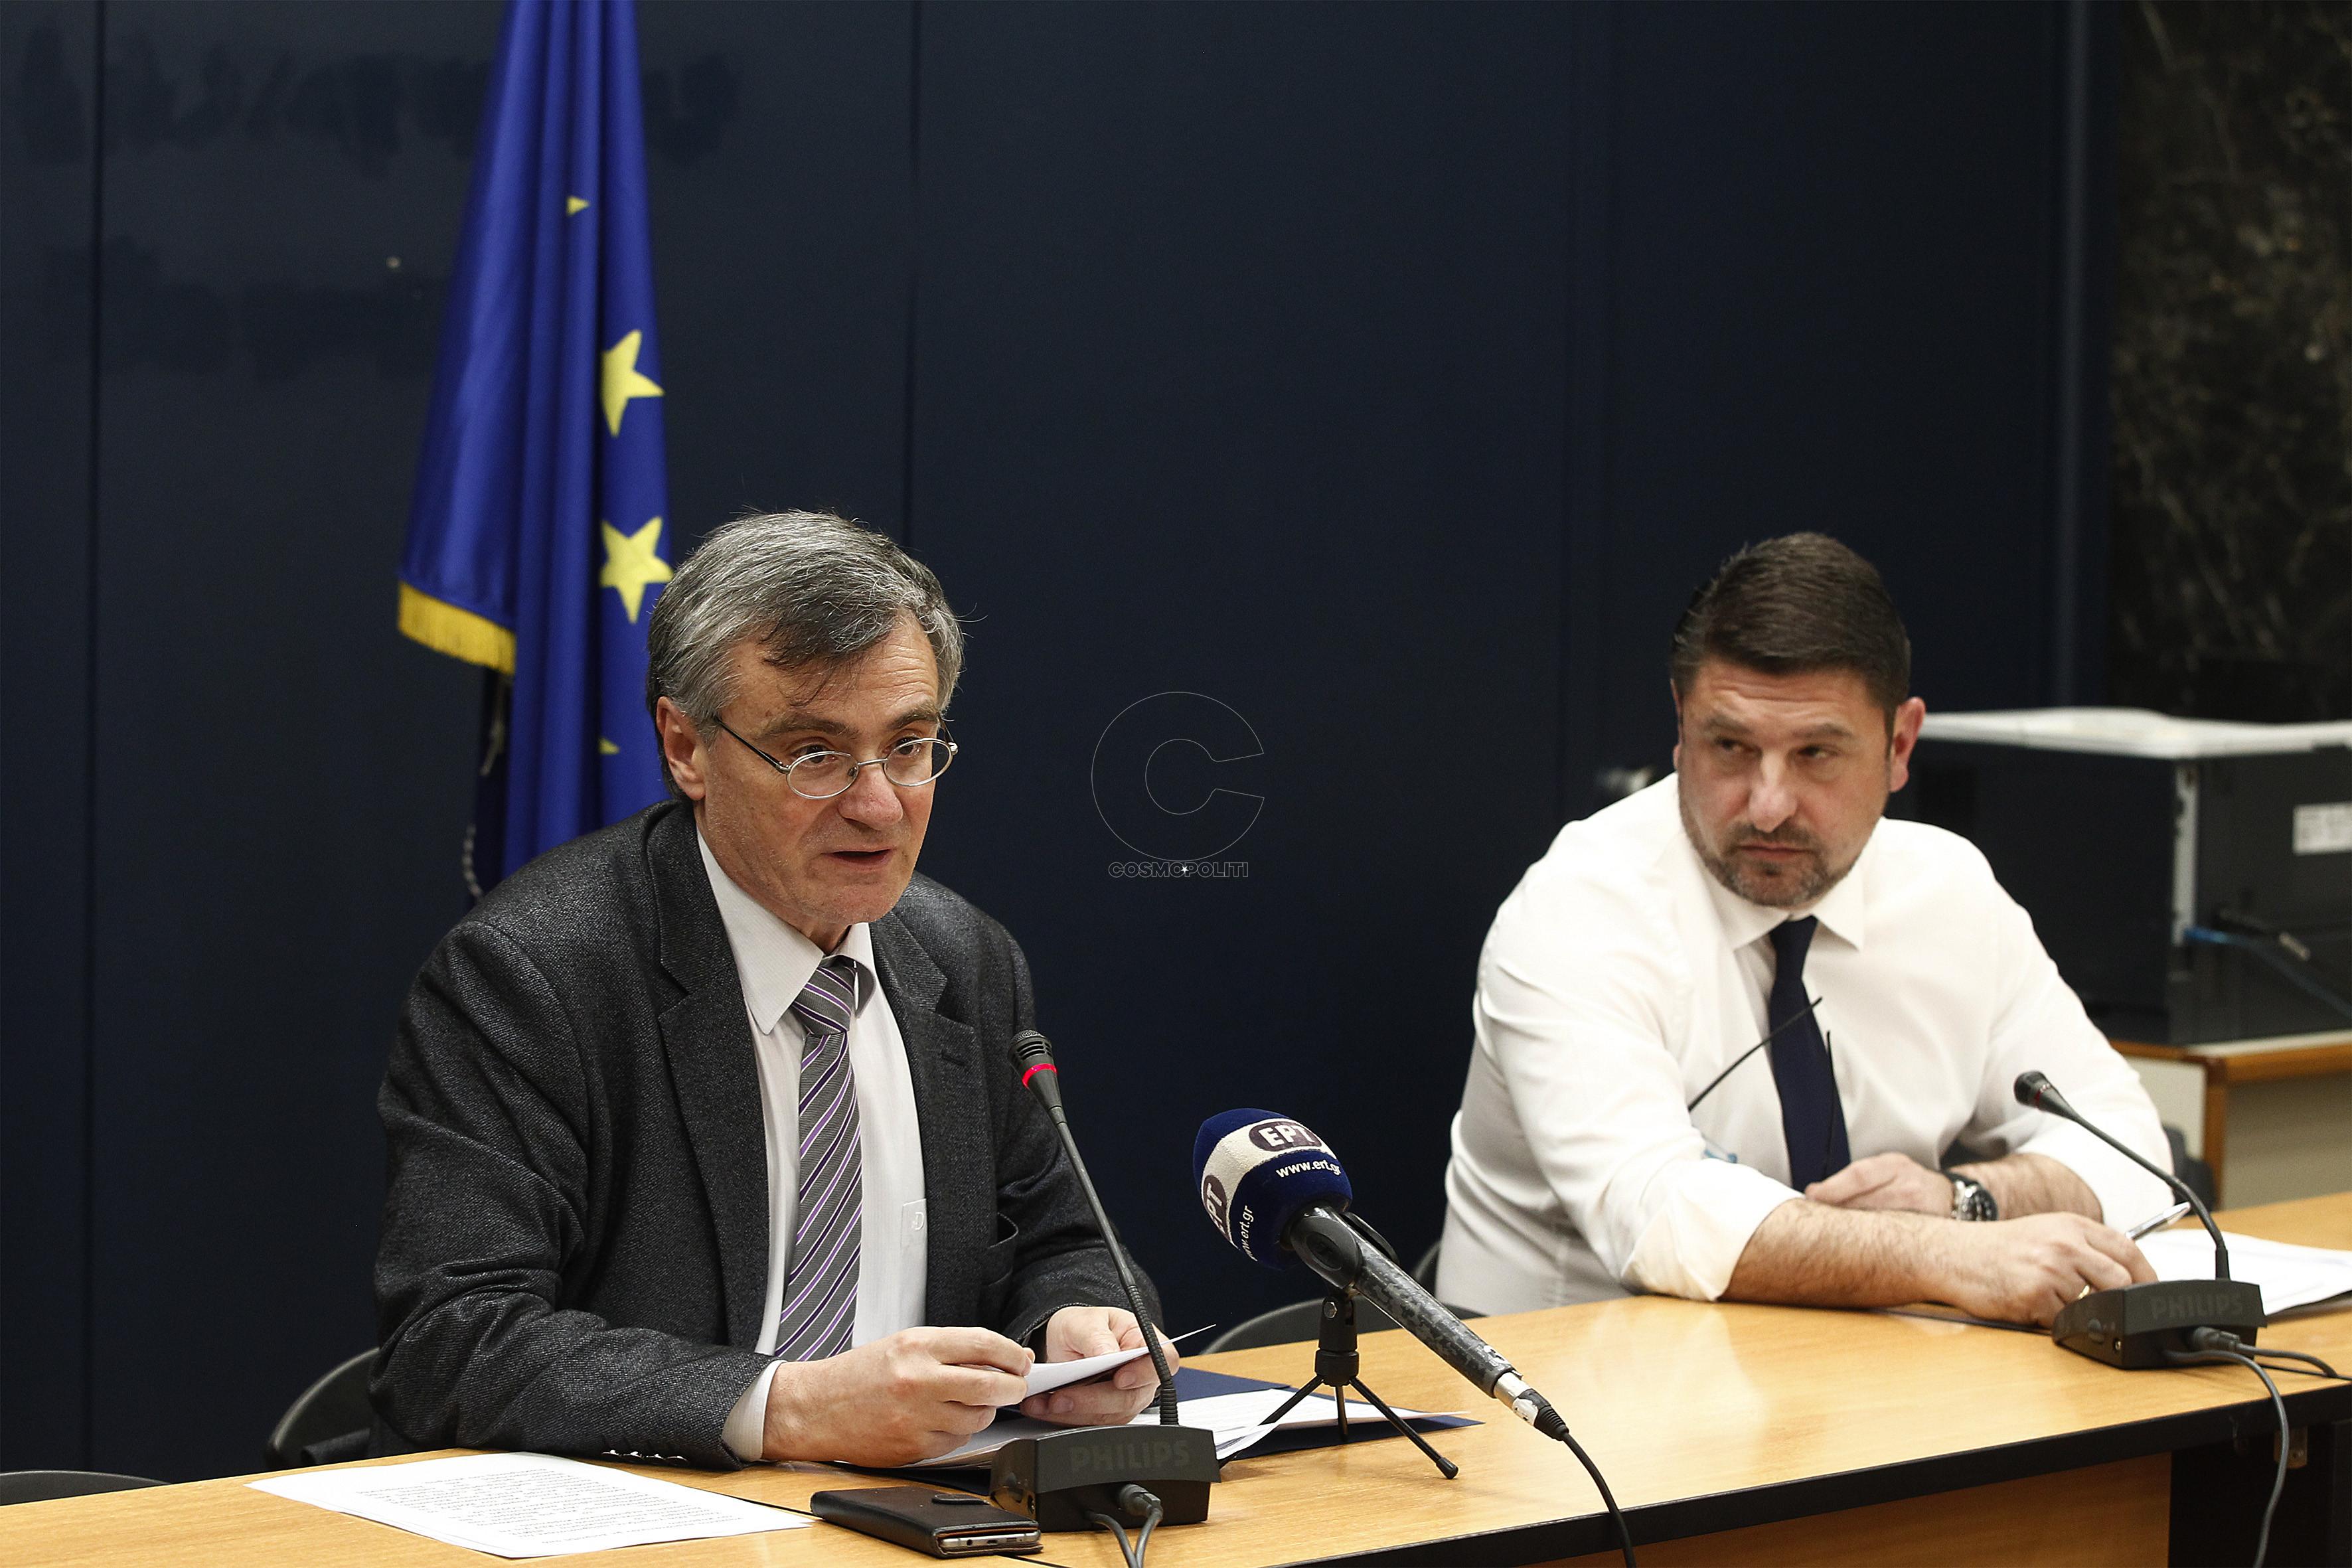 Ο υφυπουργός Πολιτικής Προστασίας και Διαχείρισης Κρίσεων Νίκος Χαρδαλιάς (Δ) με τον επιστημονικό συνεργάτη του Εθνικού Οργανισμού Δημόσιας Υγείας καθηγητής Λοιμωξιολογίας Σωτήρη Τσιόδρα (Α) μιλούν στην συνέντευξη τύπου για την εξέλιξη της επιδημίας του κορονοϊού, στο υπουργείο Υγείας, Δευτέρα 16 Μαρτίου 2020. ΑΠΕ ΜΠΕ/ΑΠΕ ΜΠΕ/ΑΛΕΞΑΝΔΡΟΣ ΒΛΑΧΟΣ